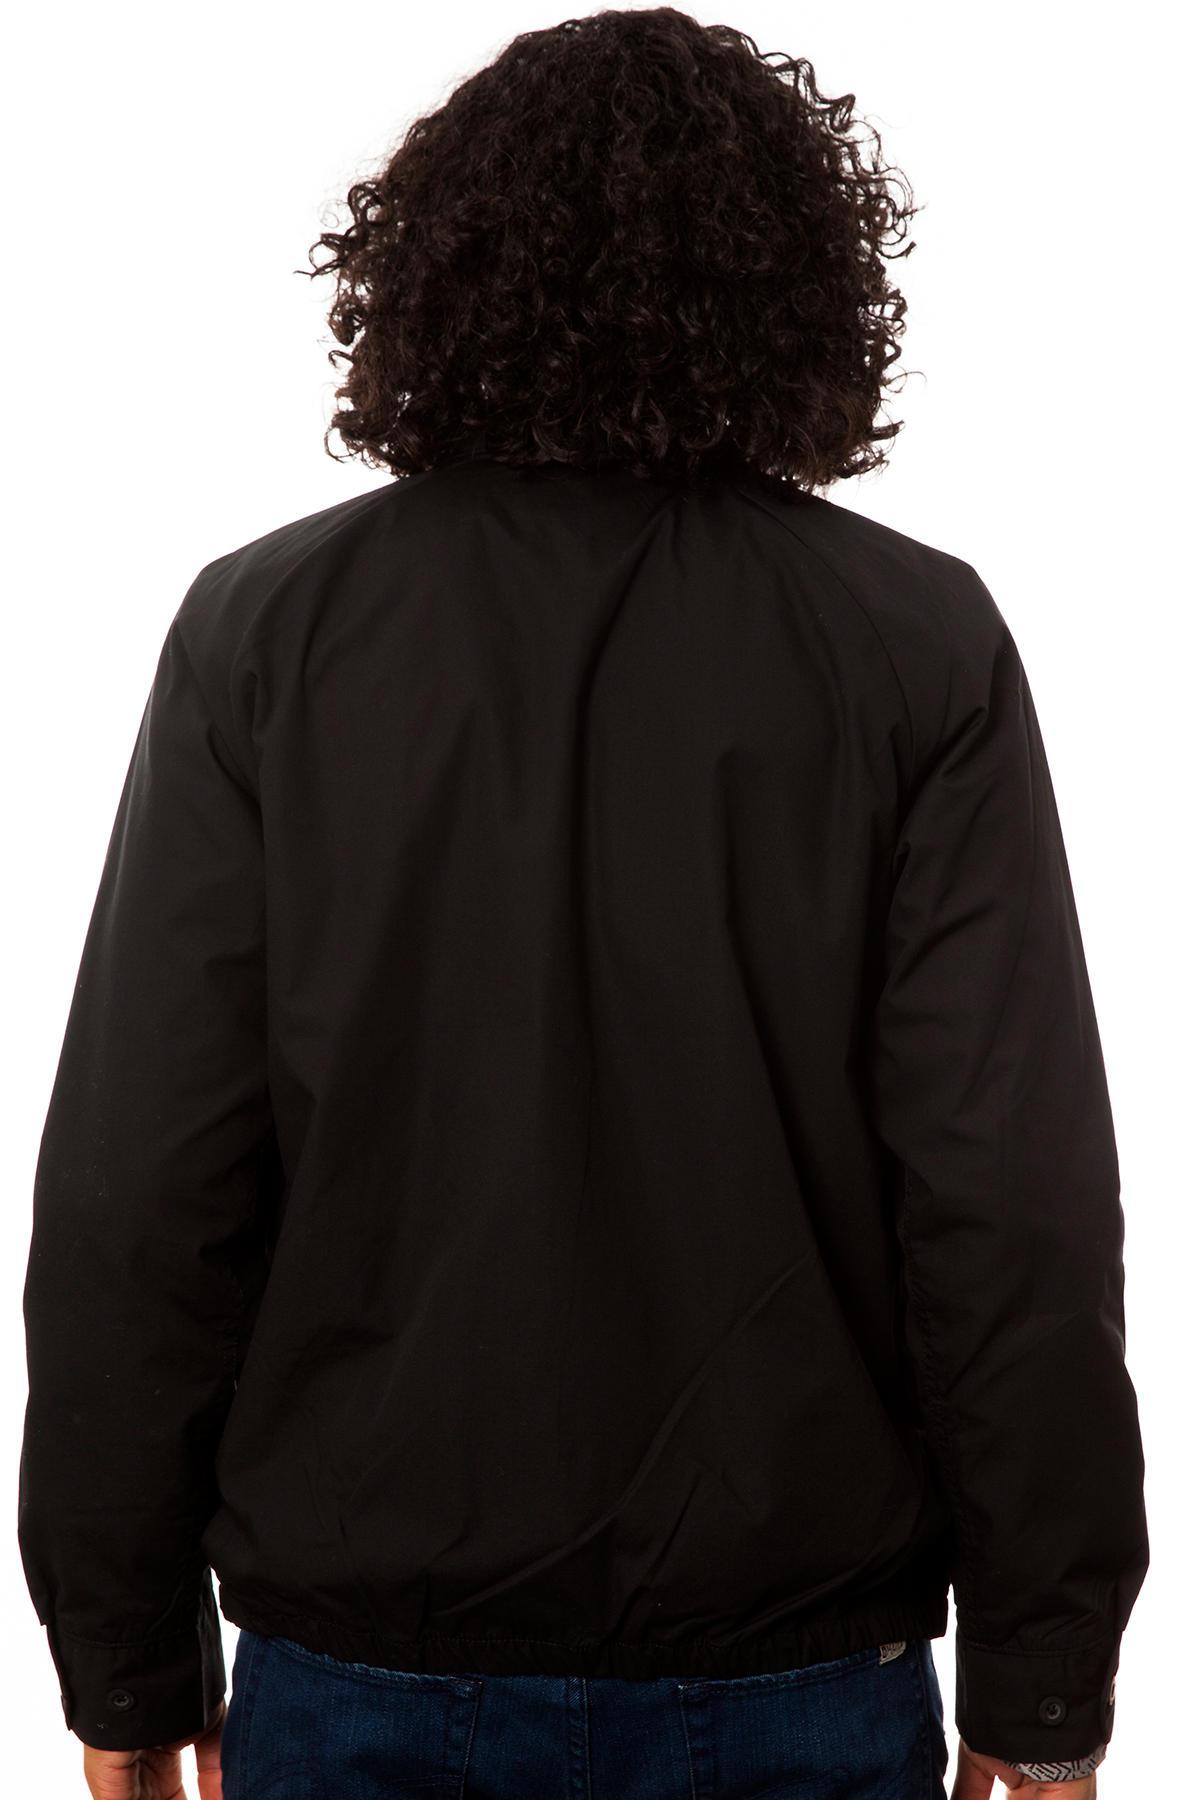 Lyst Vans The Black Label Skateboards Jacket In Black